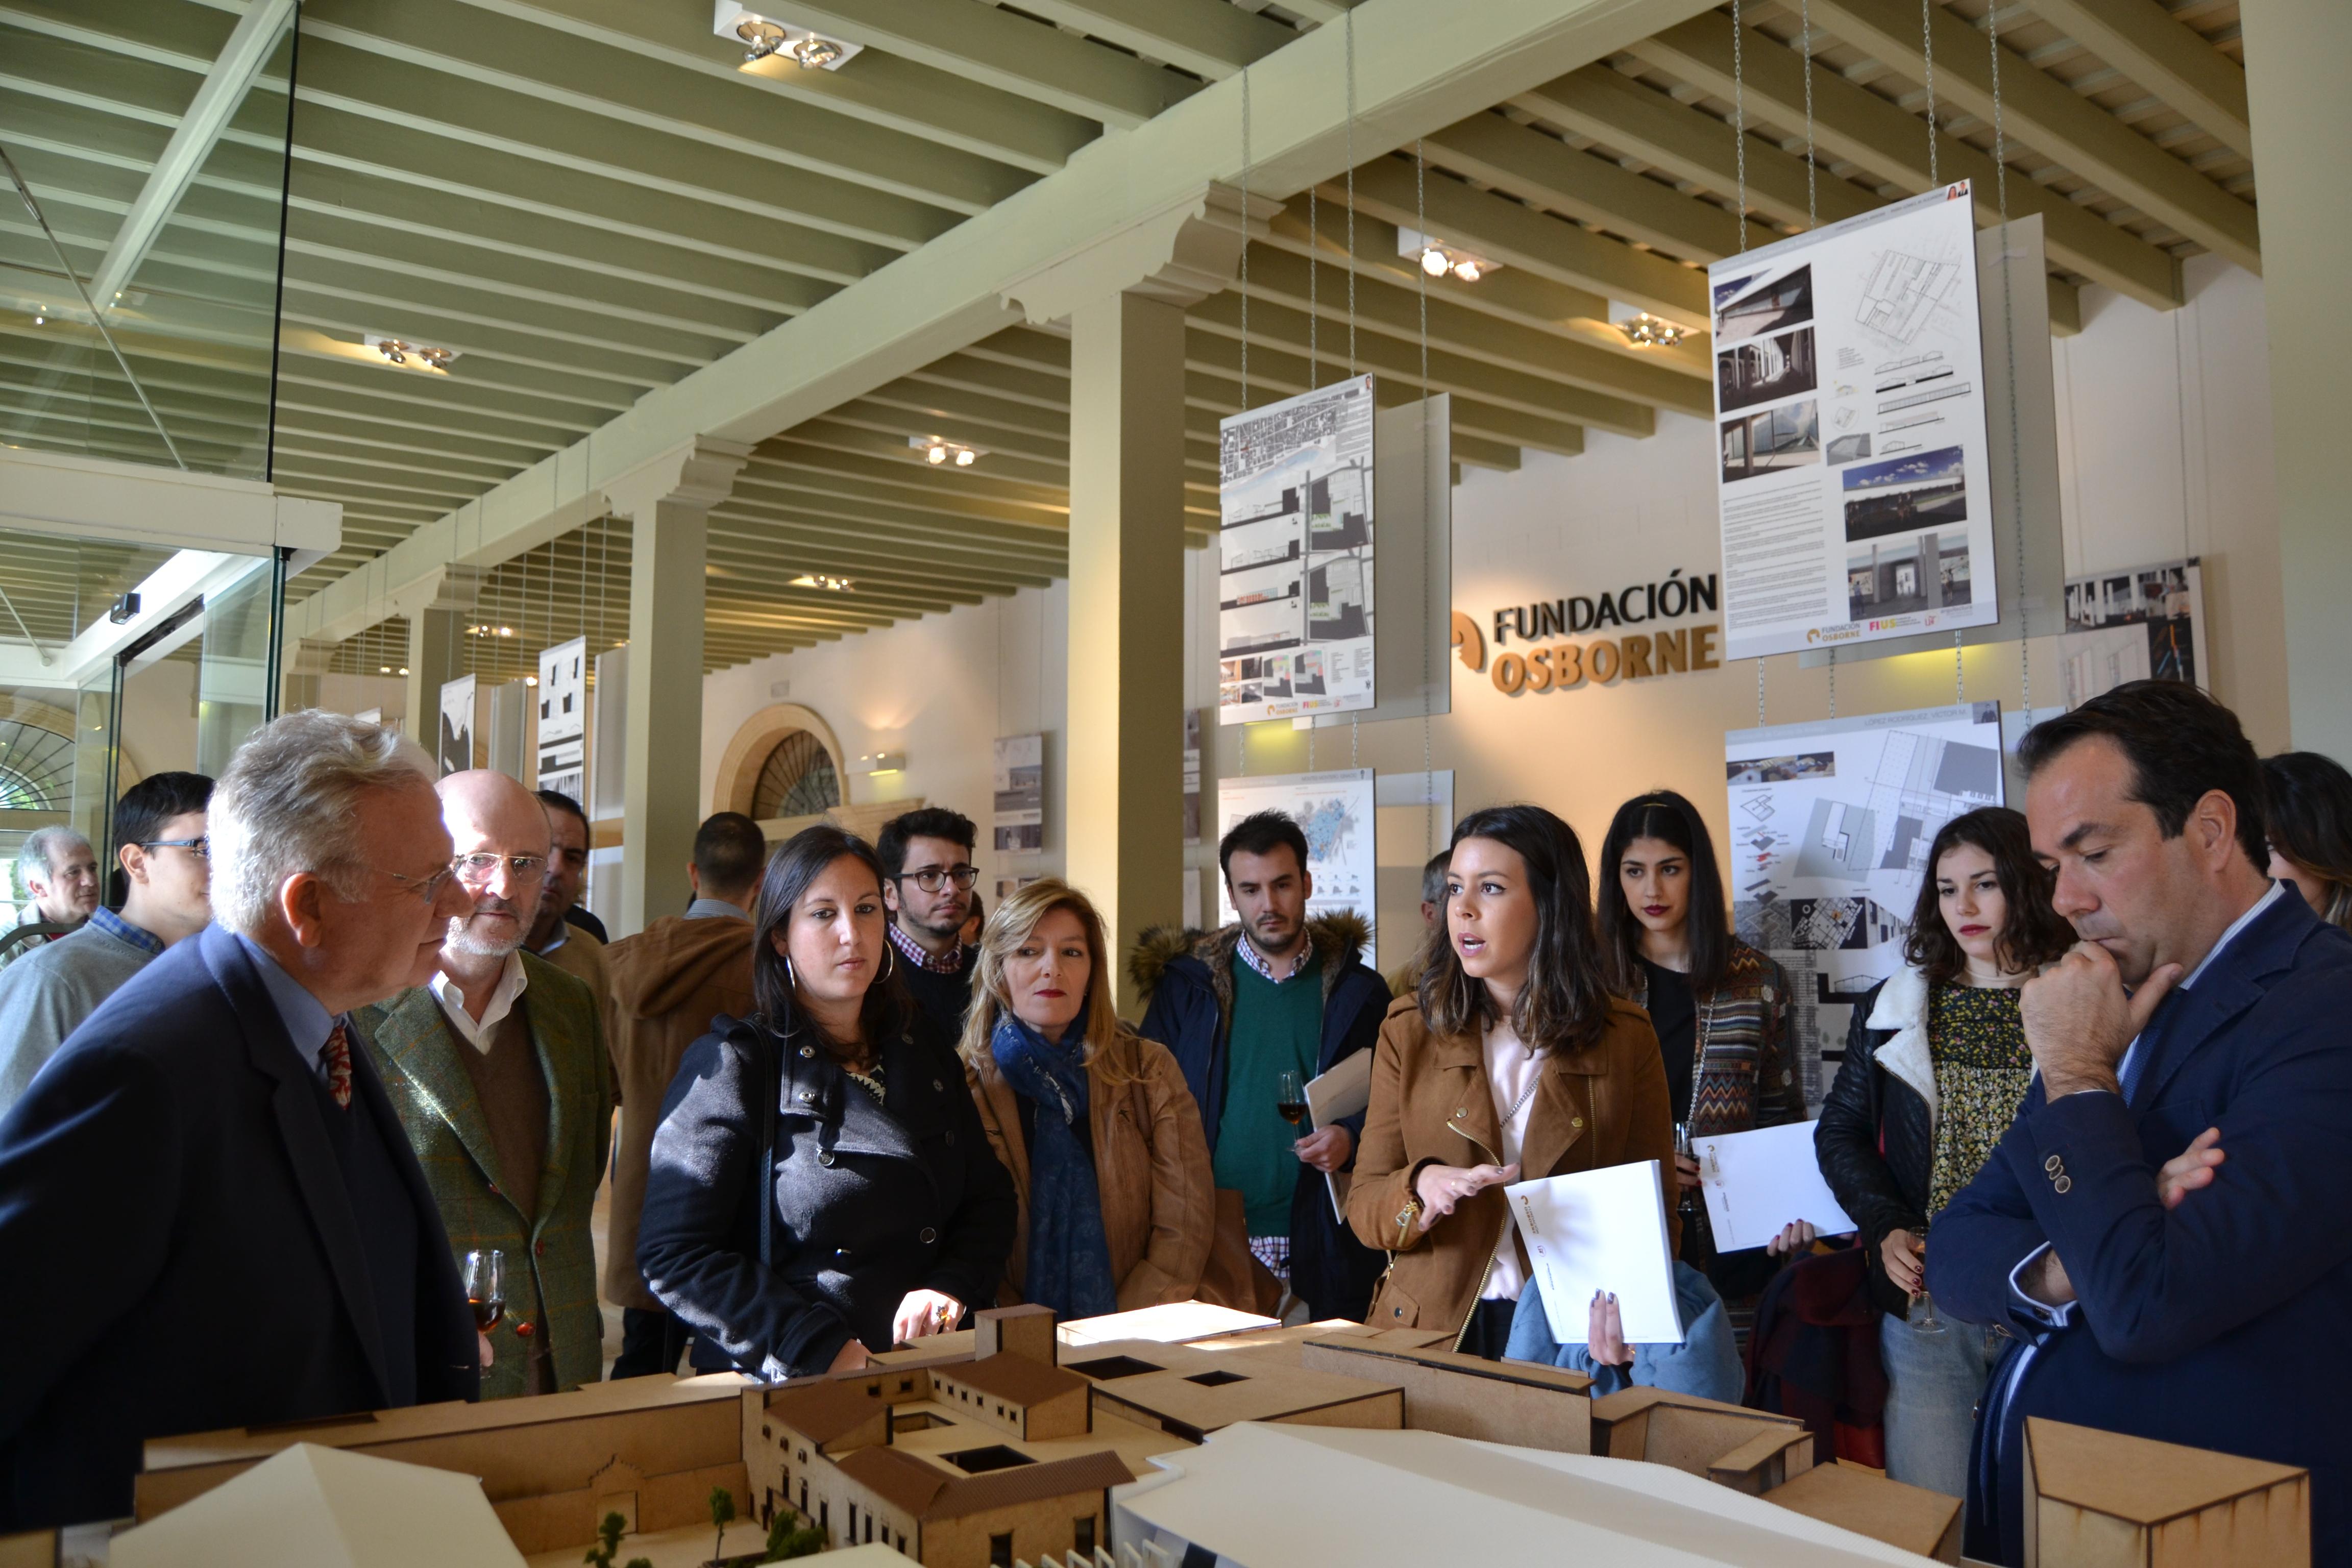 Aparece una alumna de Arquitectura presentando la maqueta de su proyecto, al presidente de la Fundación y a los medios de comunicación entre otros